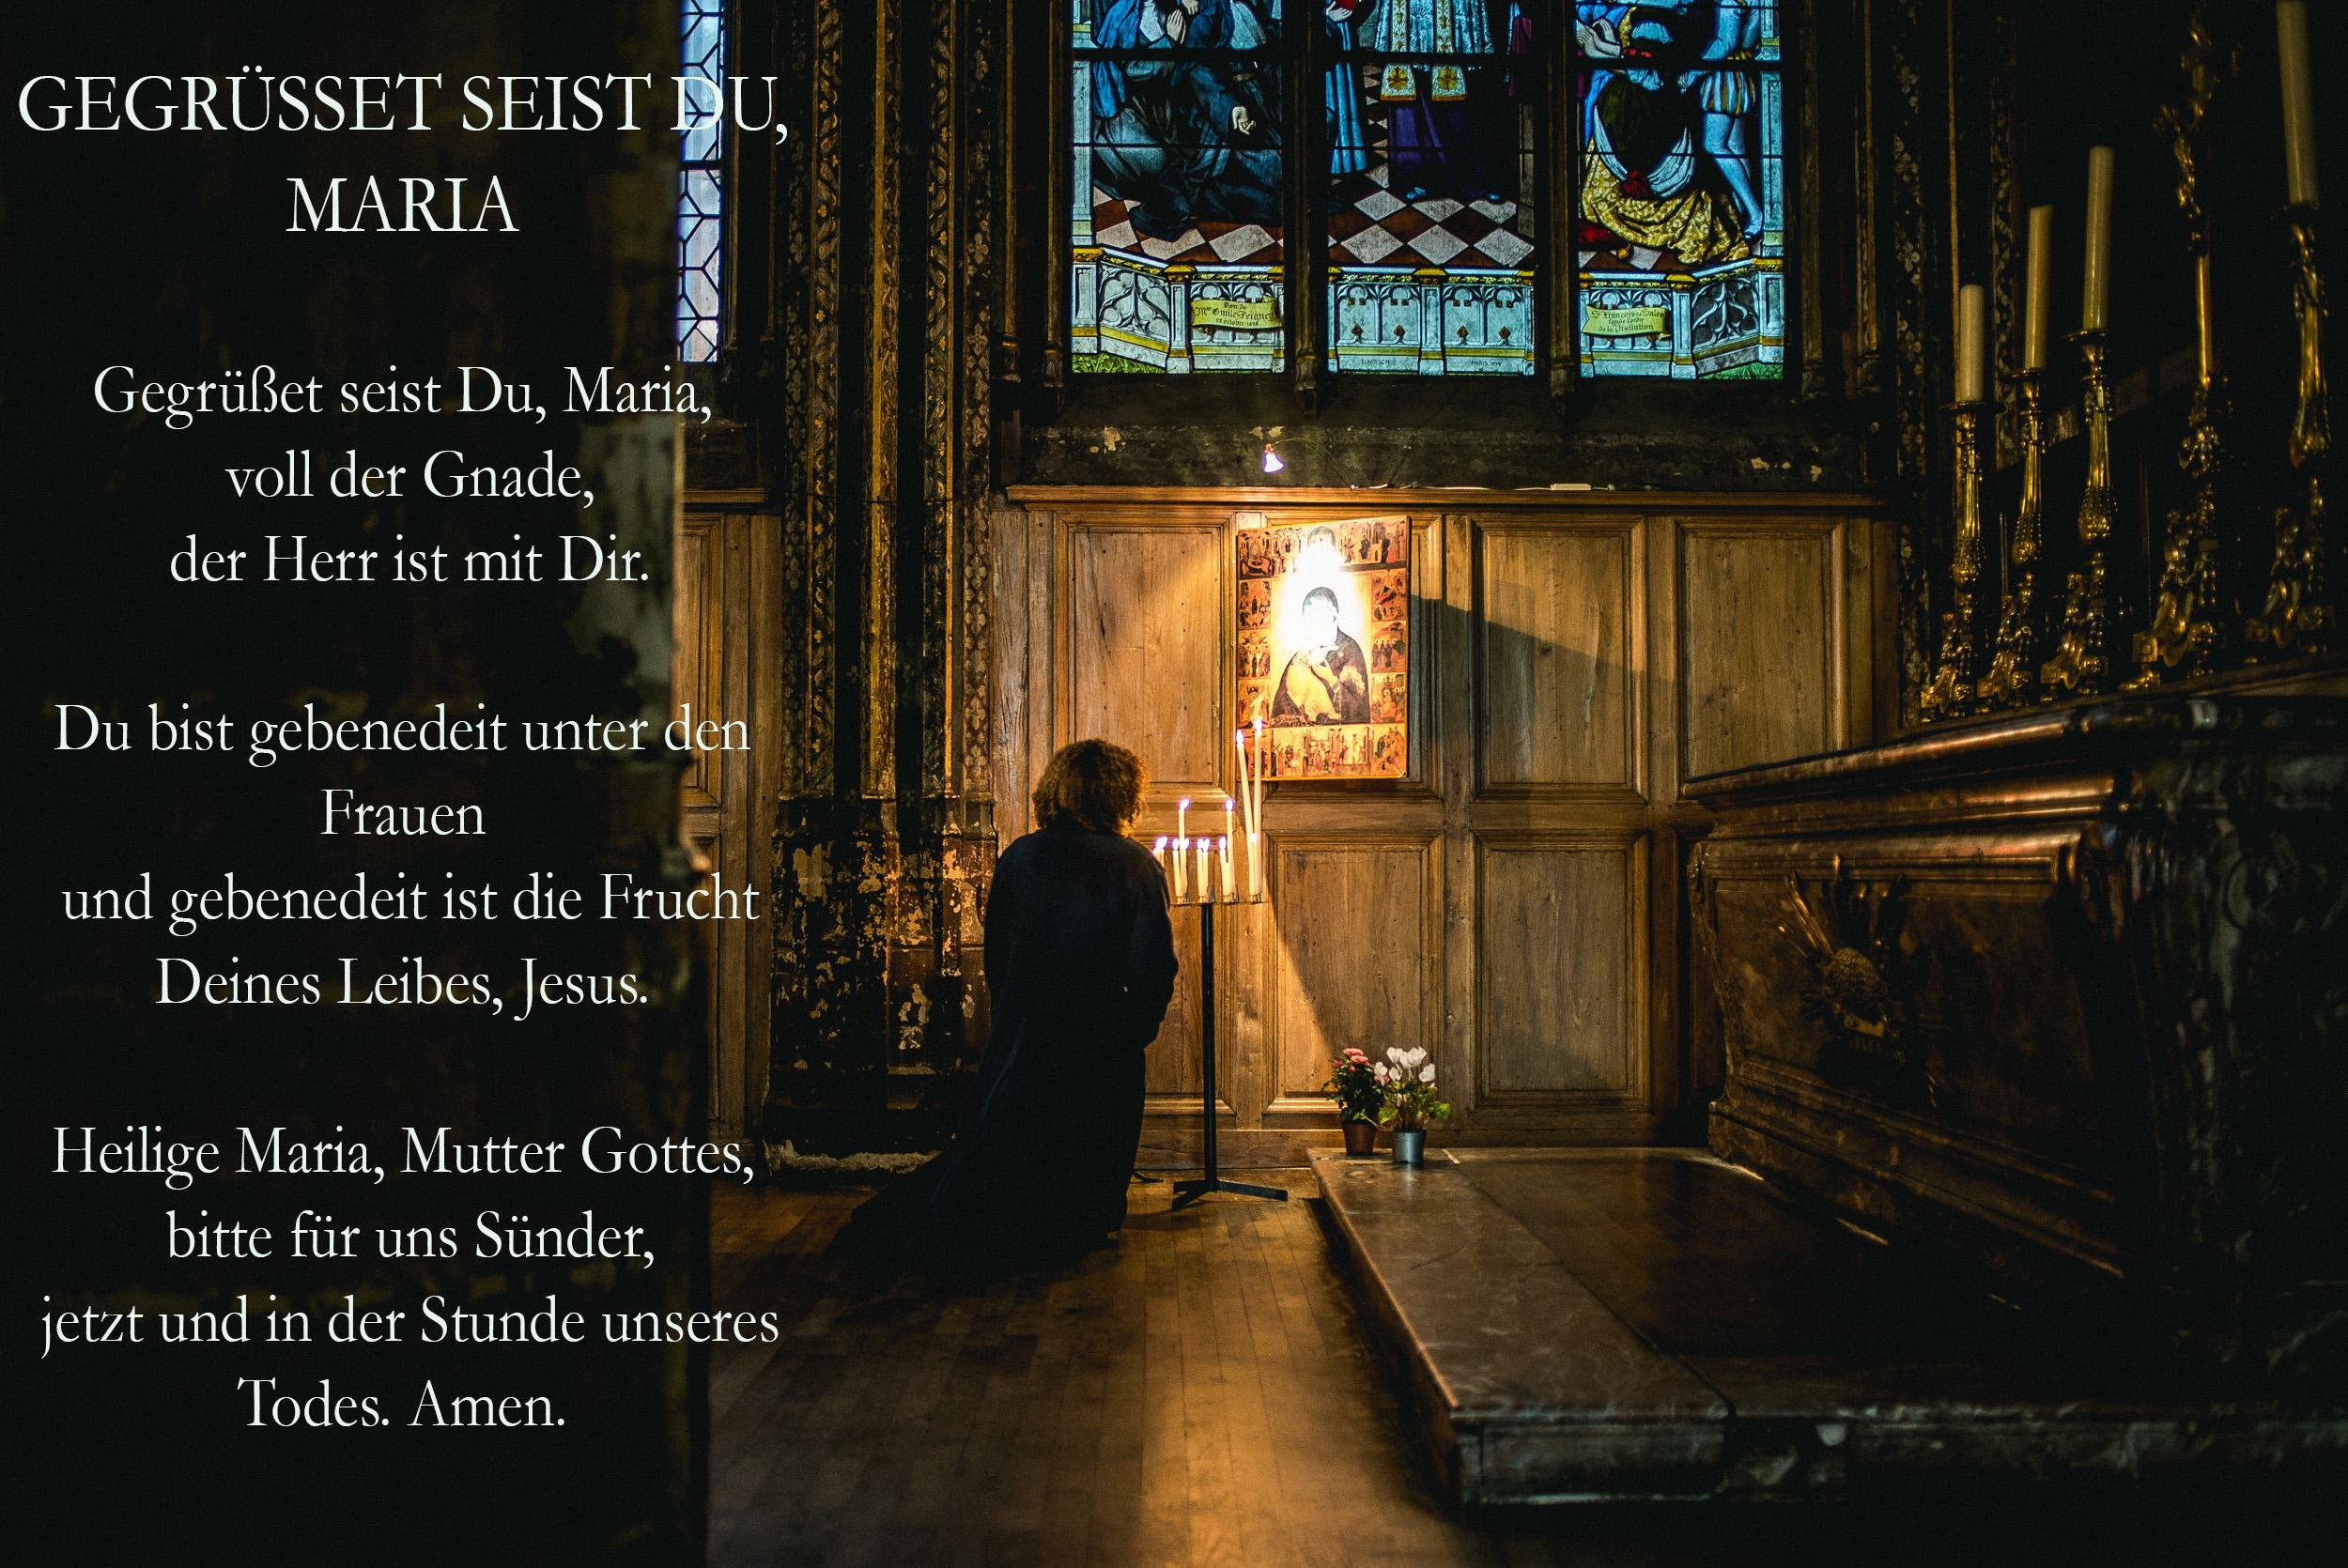 Frau betet in Kirche